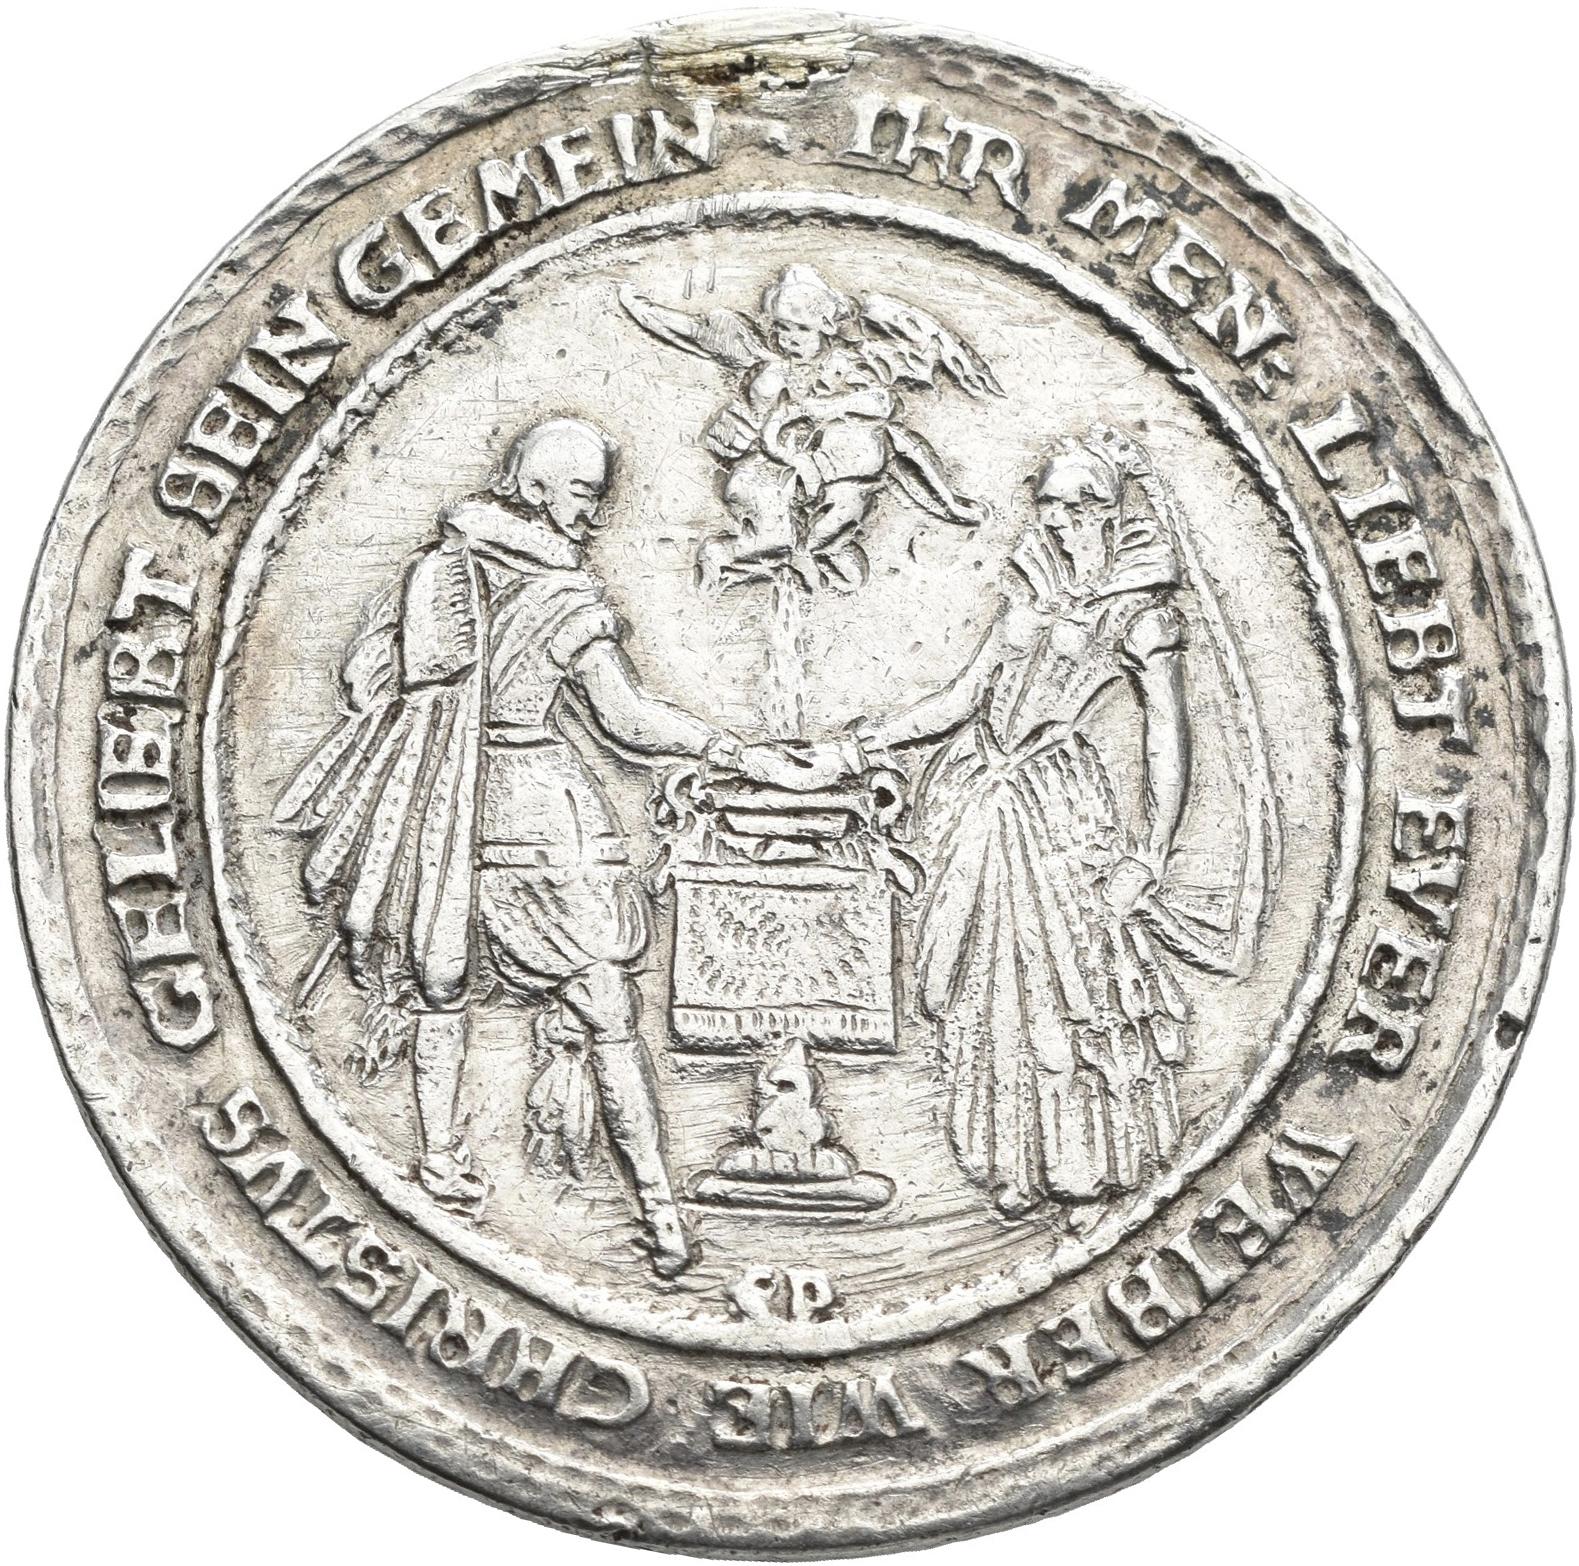 Lot 02371 - Medaillen Deutschland | Münzen  -  Auktionshaus Christoph Gärtner GmbH & Co. KG Sale #48 The Coins & The Picture Post Cards